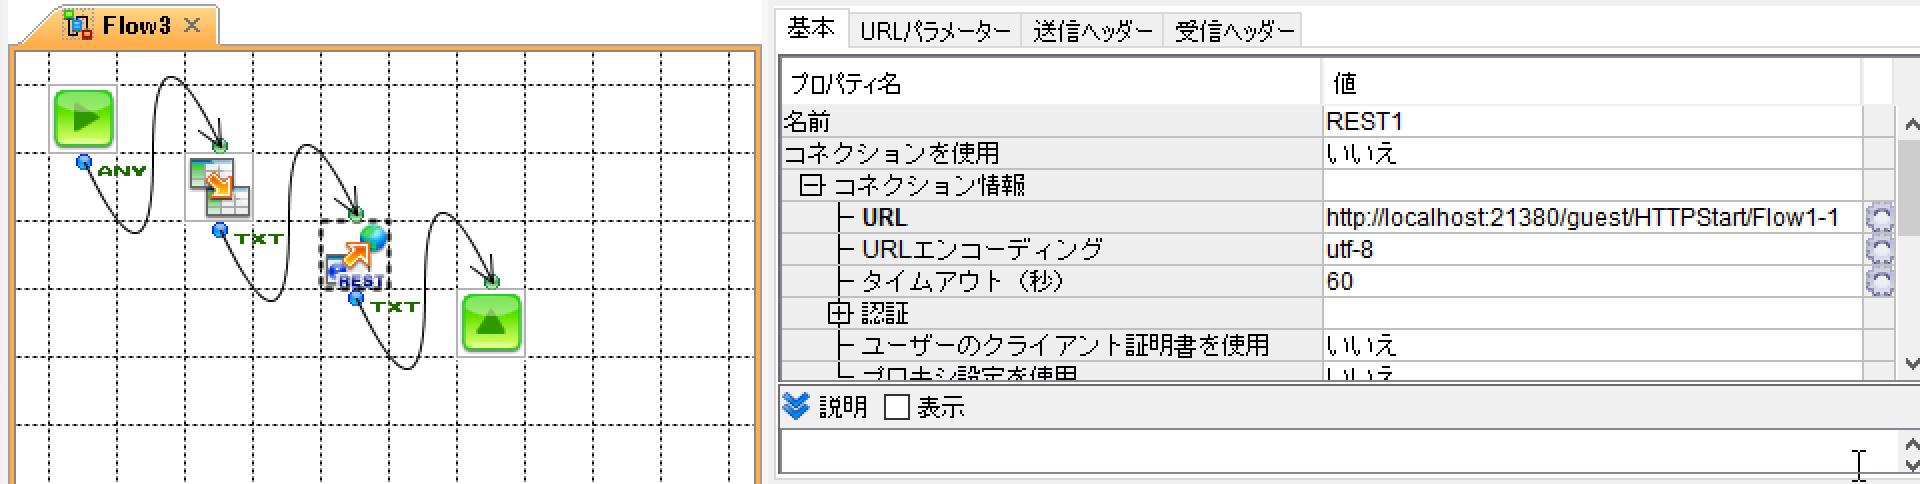 HTTPStart05.png